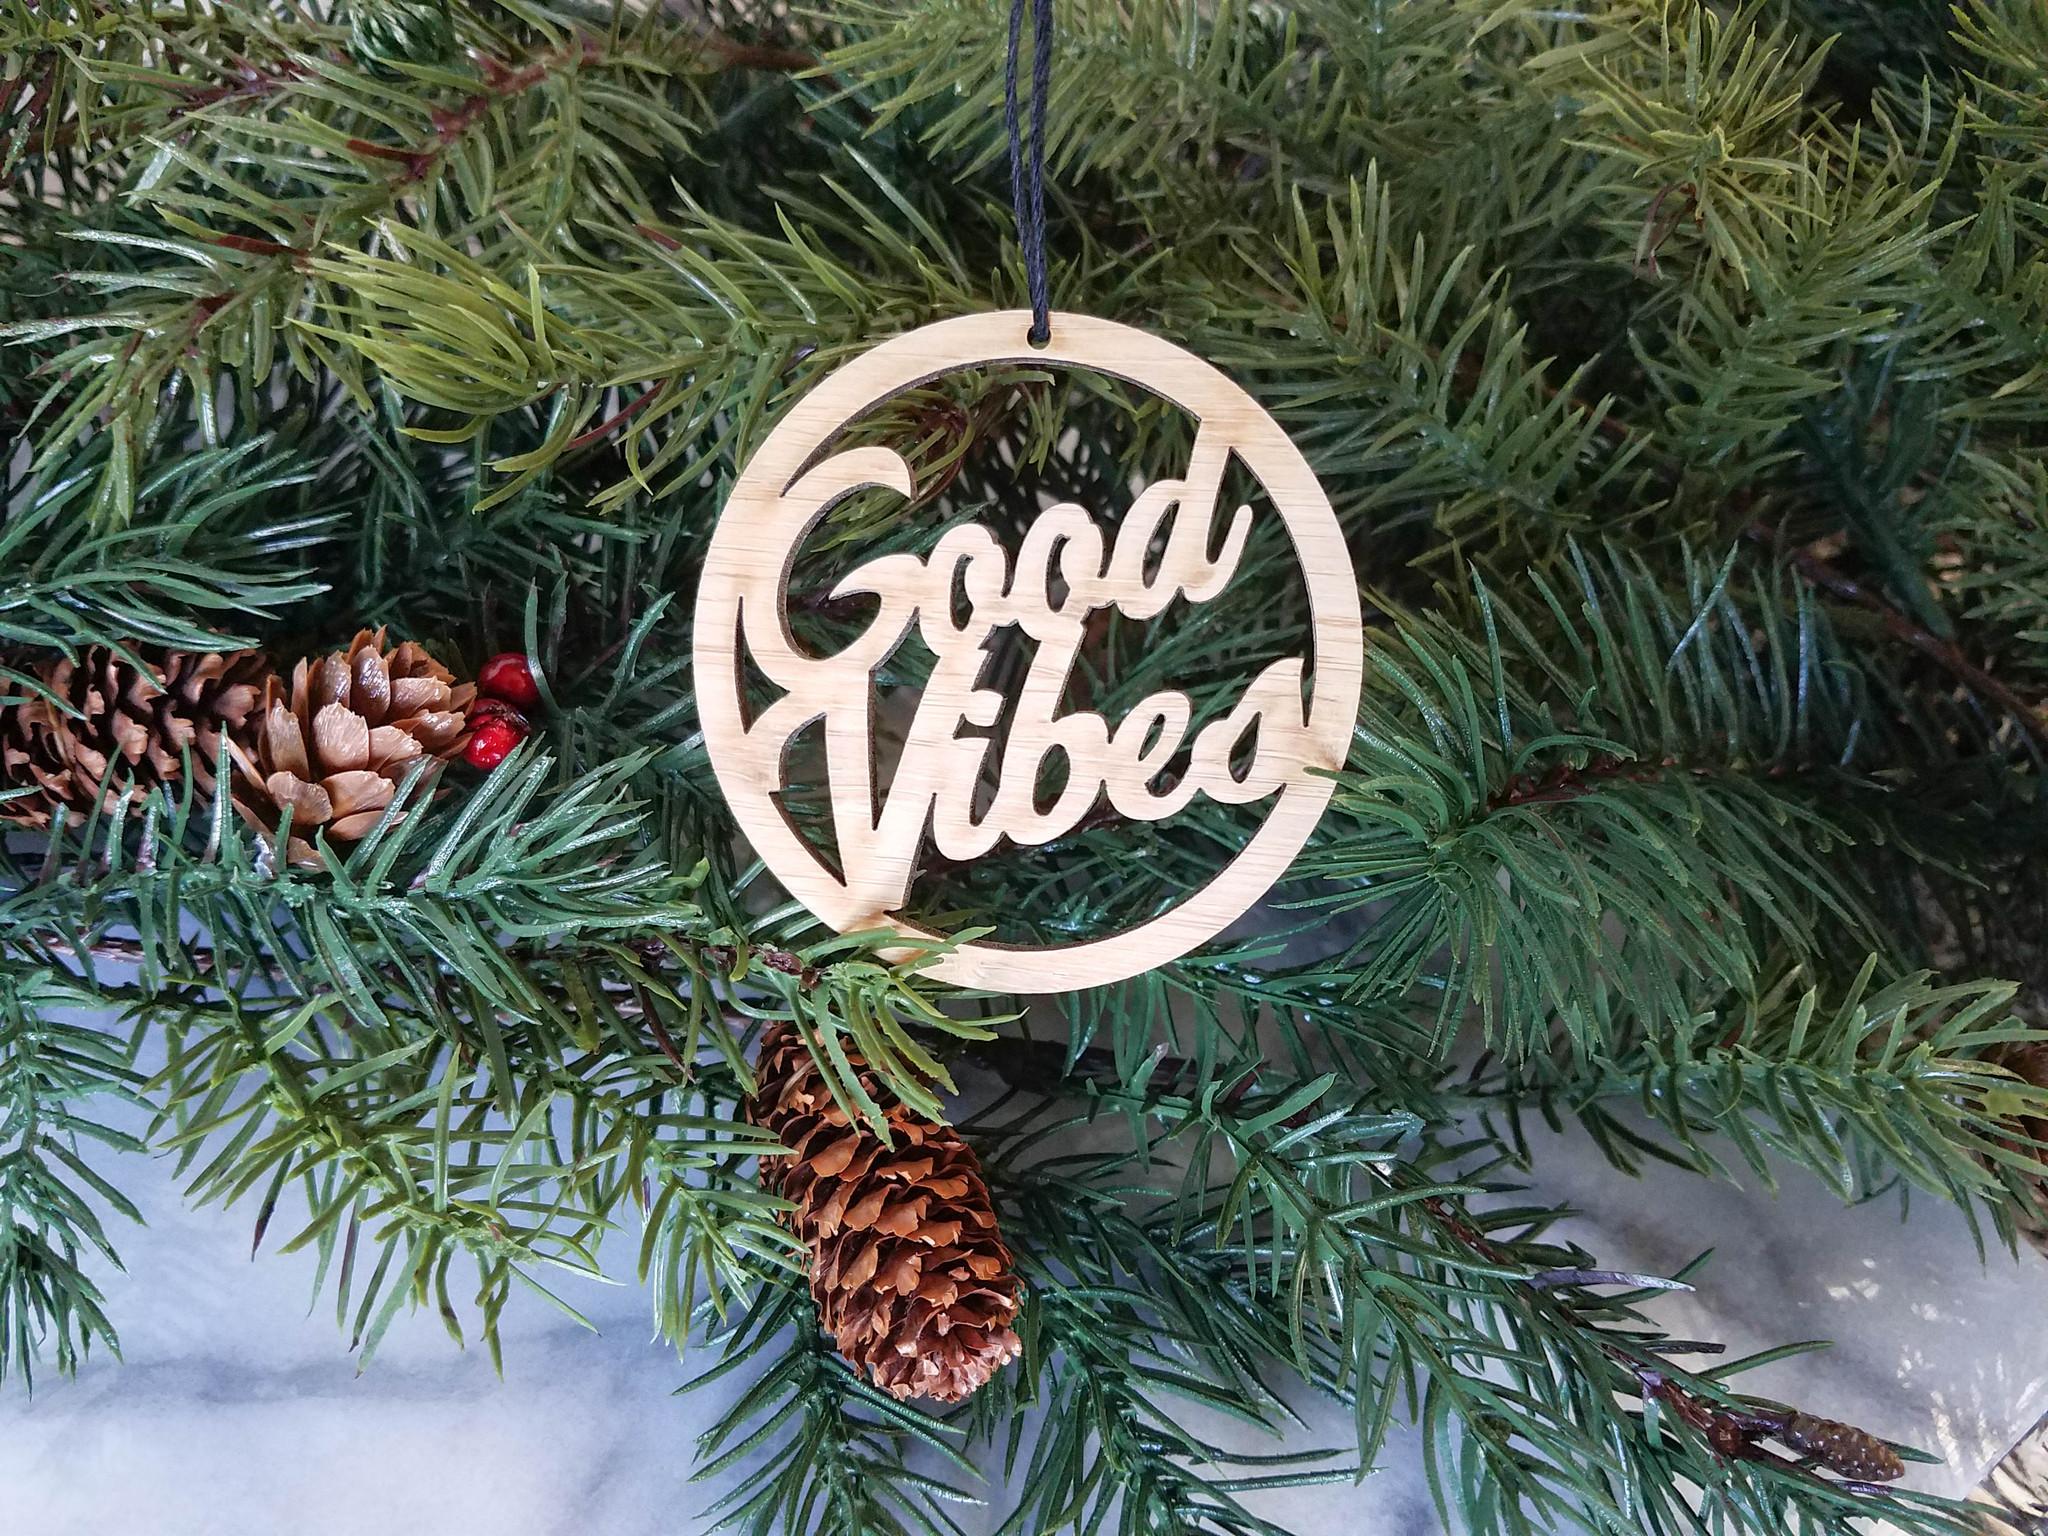 Good vibes christmas ornament